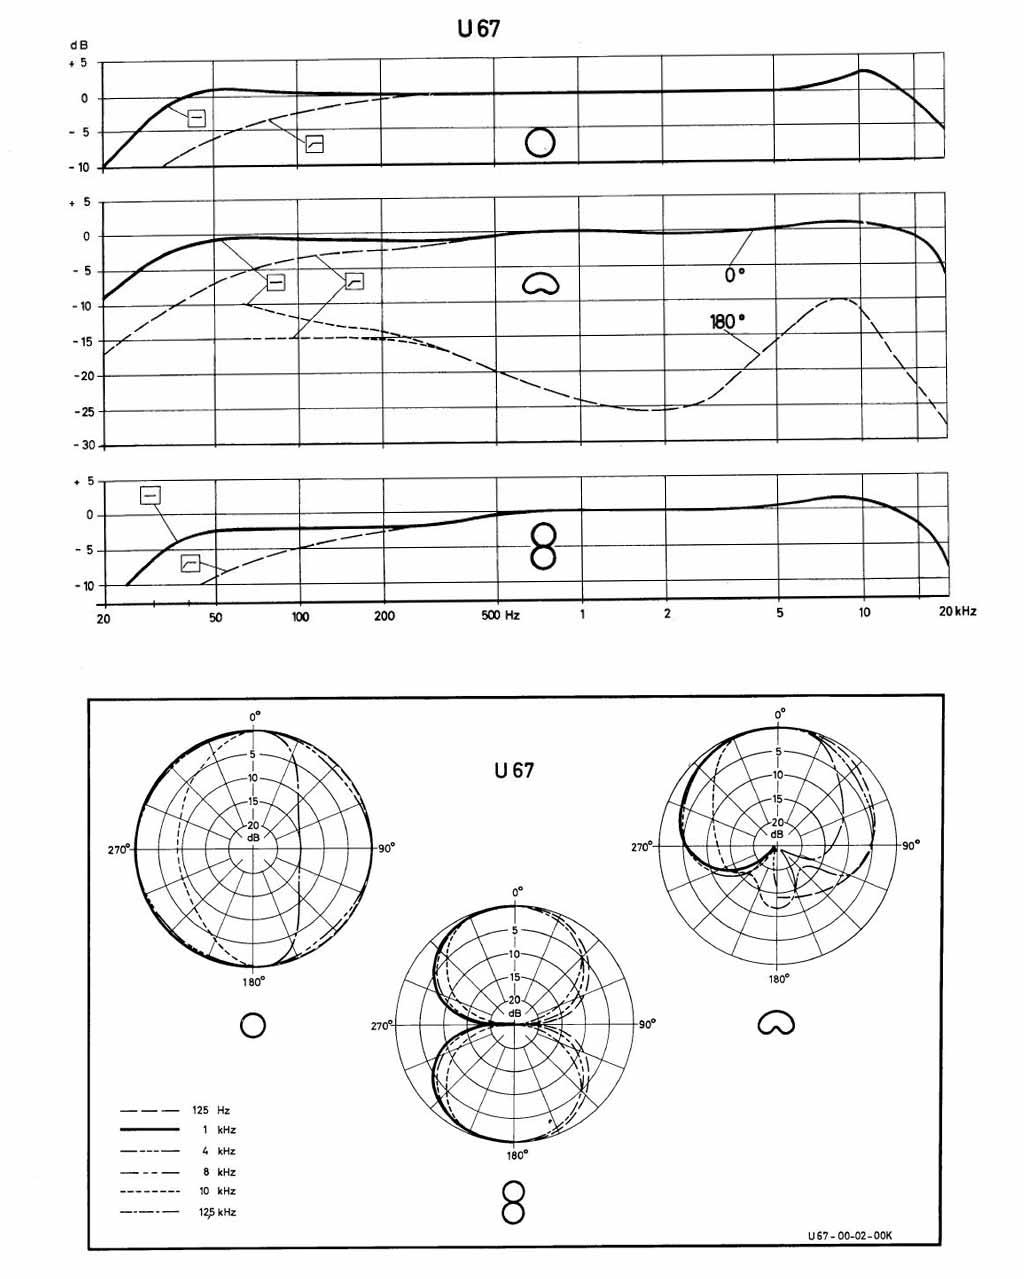 ノイマンU67の指向性と周波数特性を伝えるマニュアル。